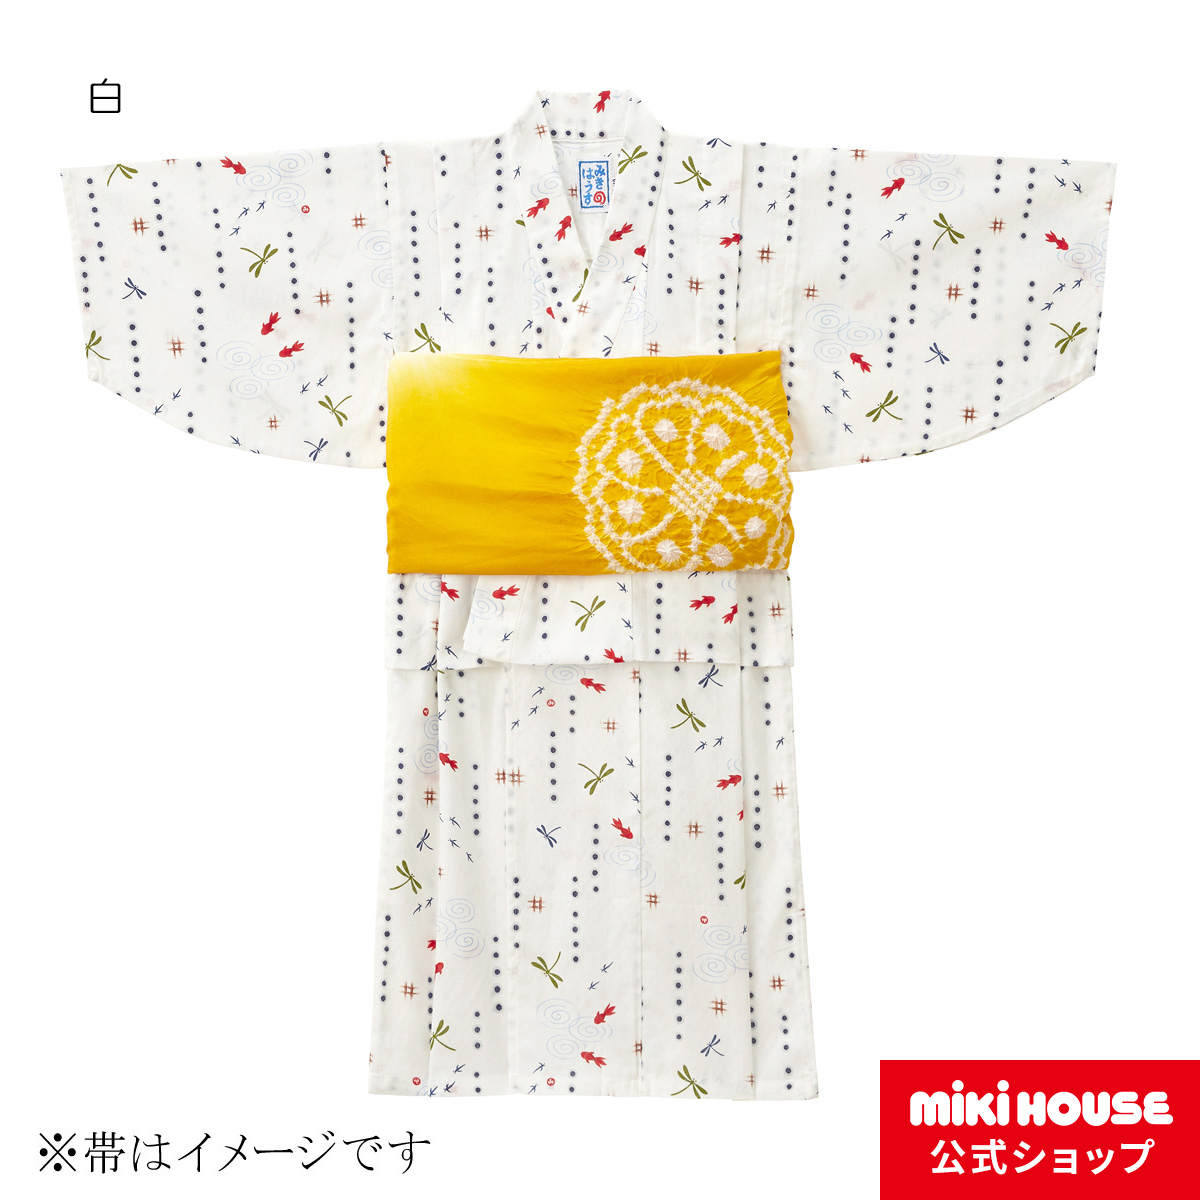 ミキハウス mikihouse 金魚&とんぼ和柄の浴衣(男児用)〈120cm(110cm-120cm)〉